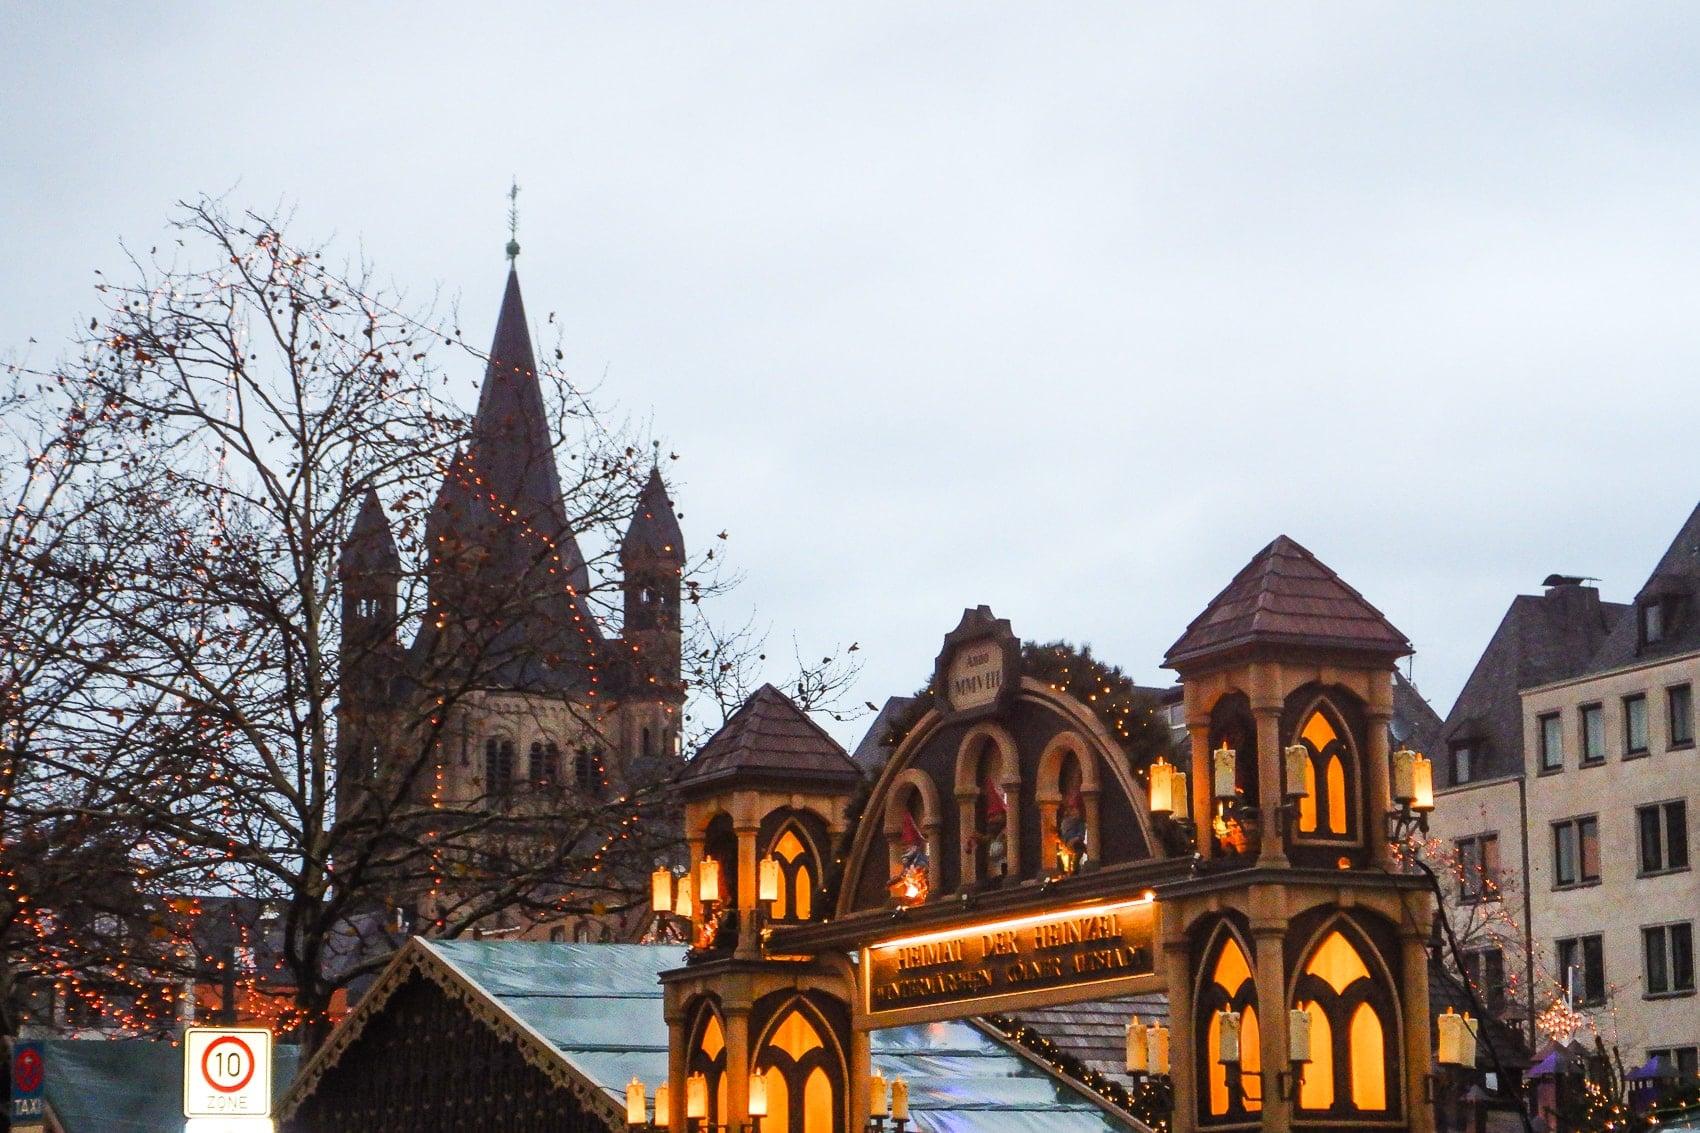 Die schönsten Weihnachtsmärkte in Köln